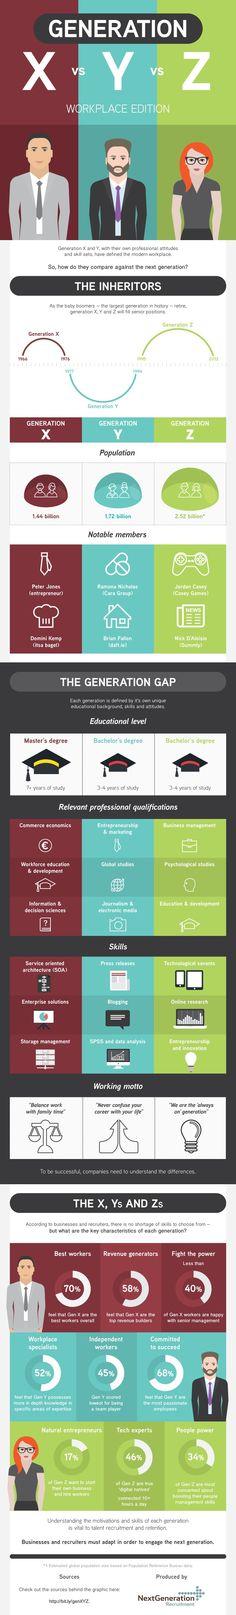 Les différentes générations sous forme d'infographie #infographie #digitale - margauxduprat.com -